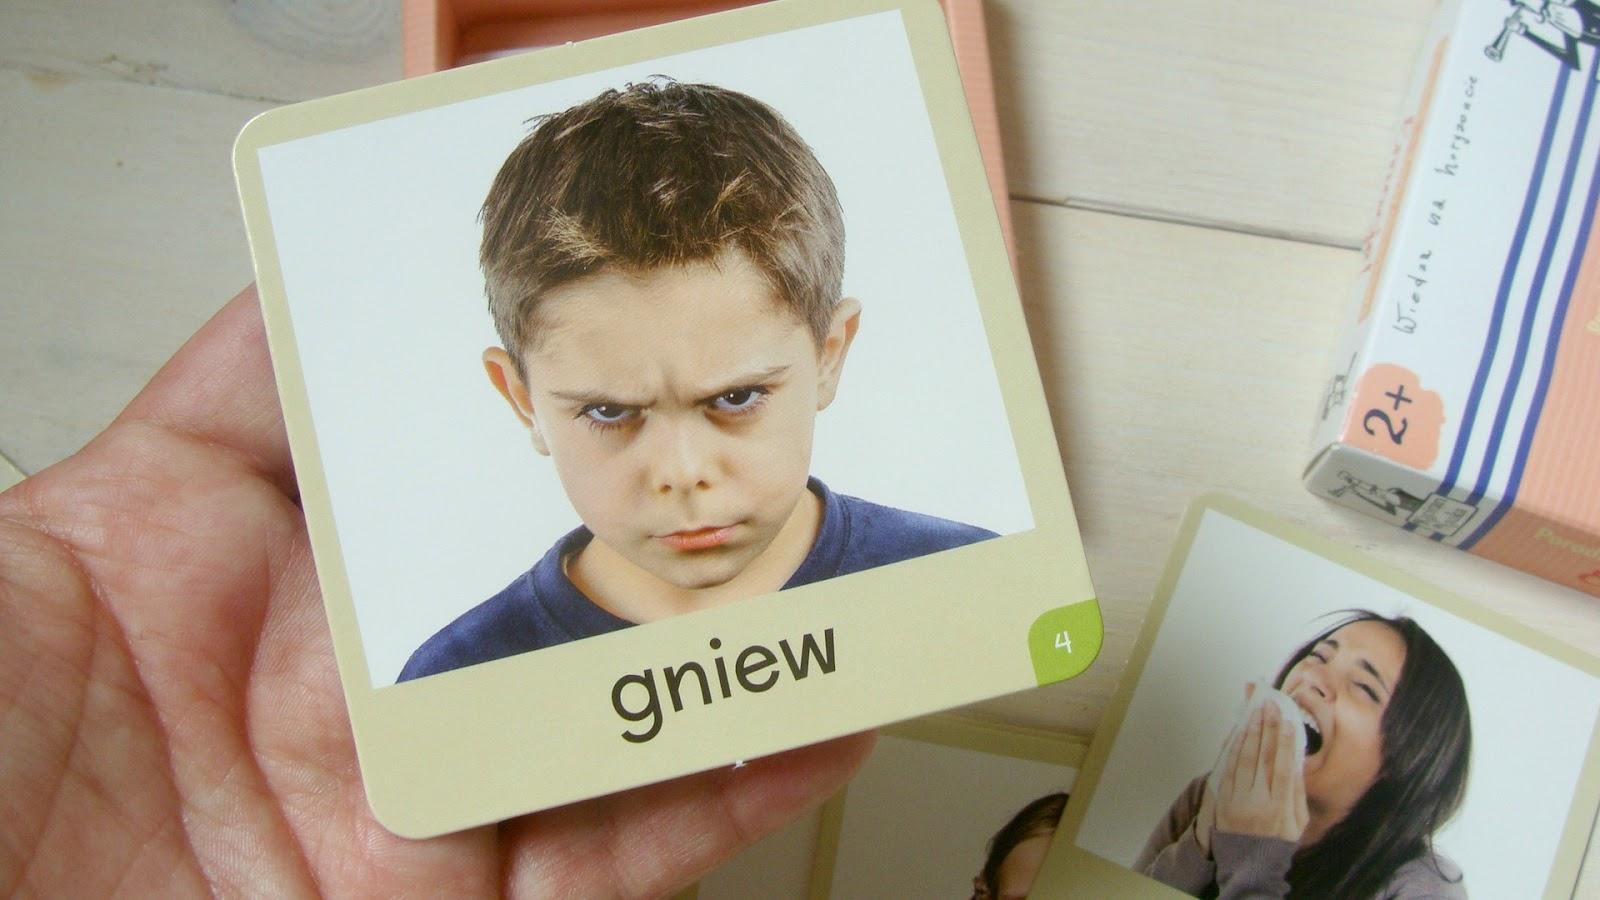 Emocje - jak pomóc dziecku nauczyć się je rozpoznawać, akceptować i radzić sobie z nimi?